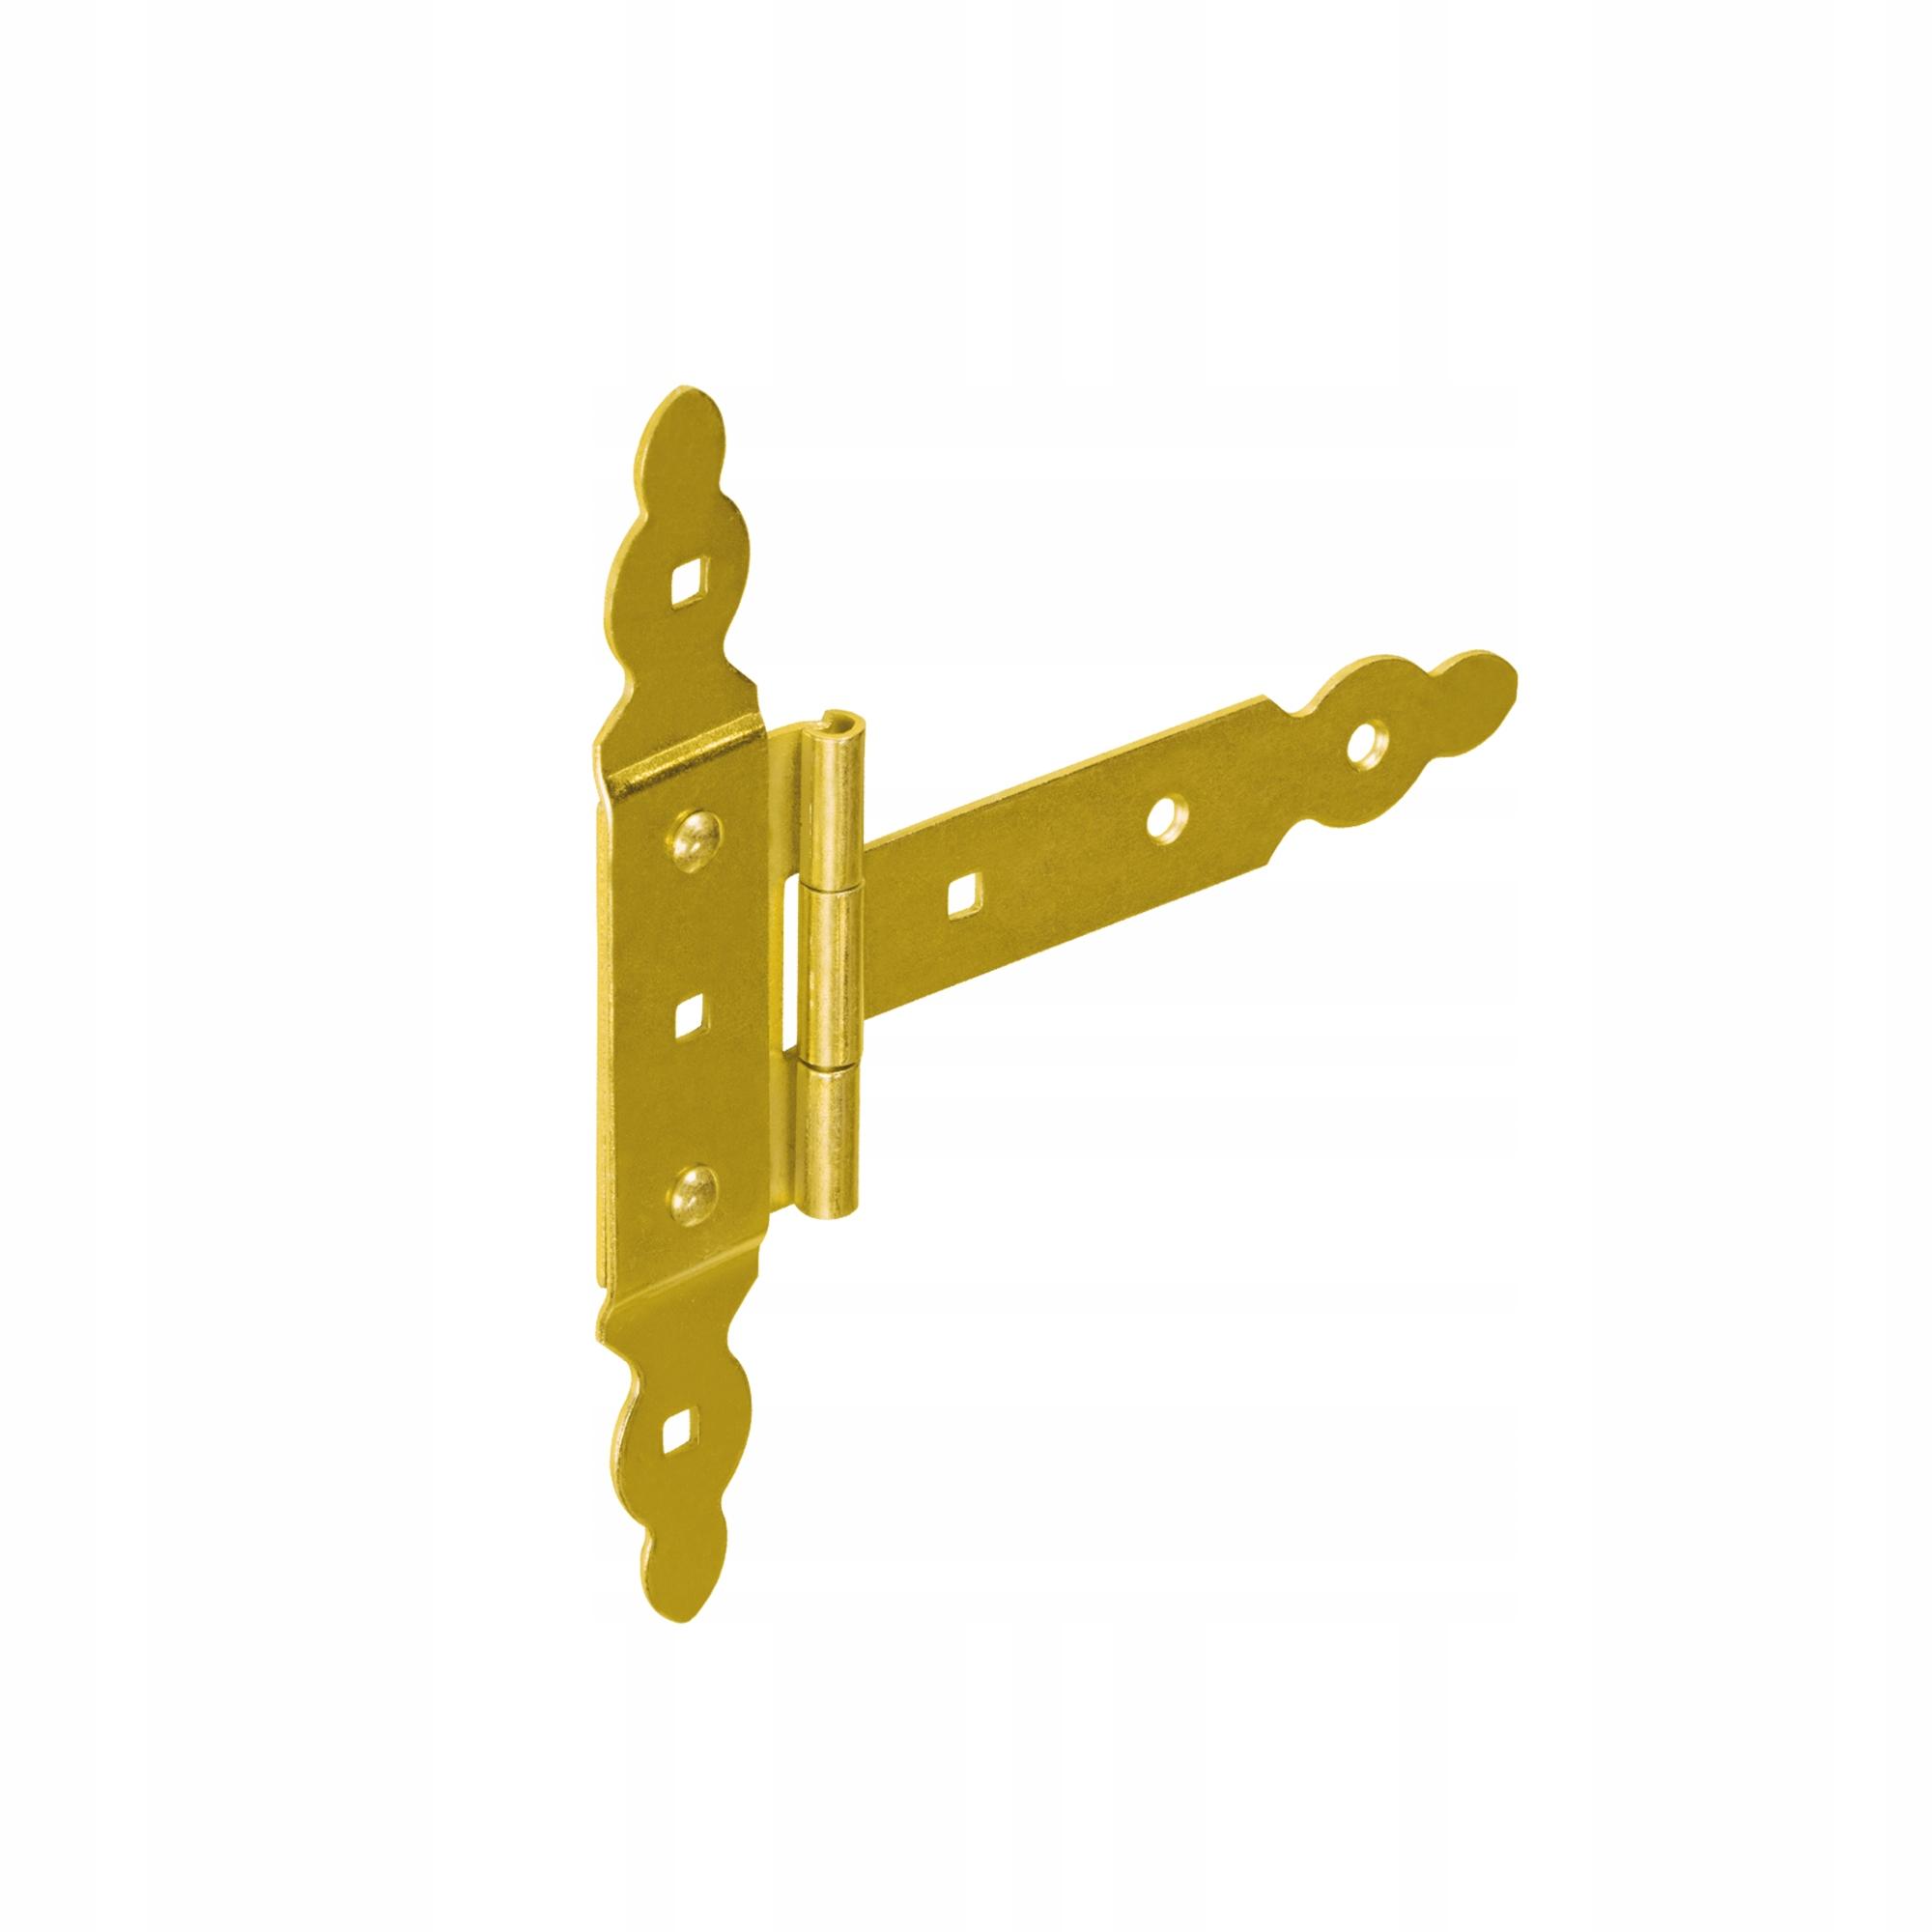 Zawias bramkowy ozdobny z nakładką  ZBNO 150x60